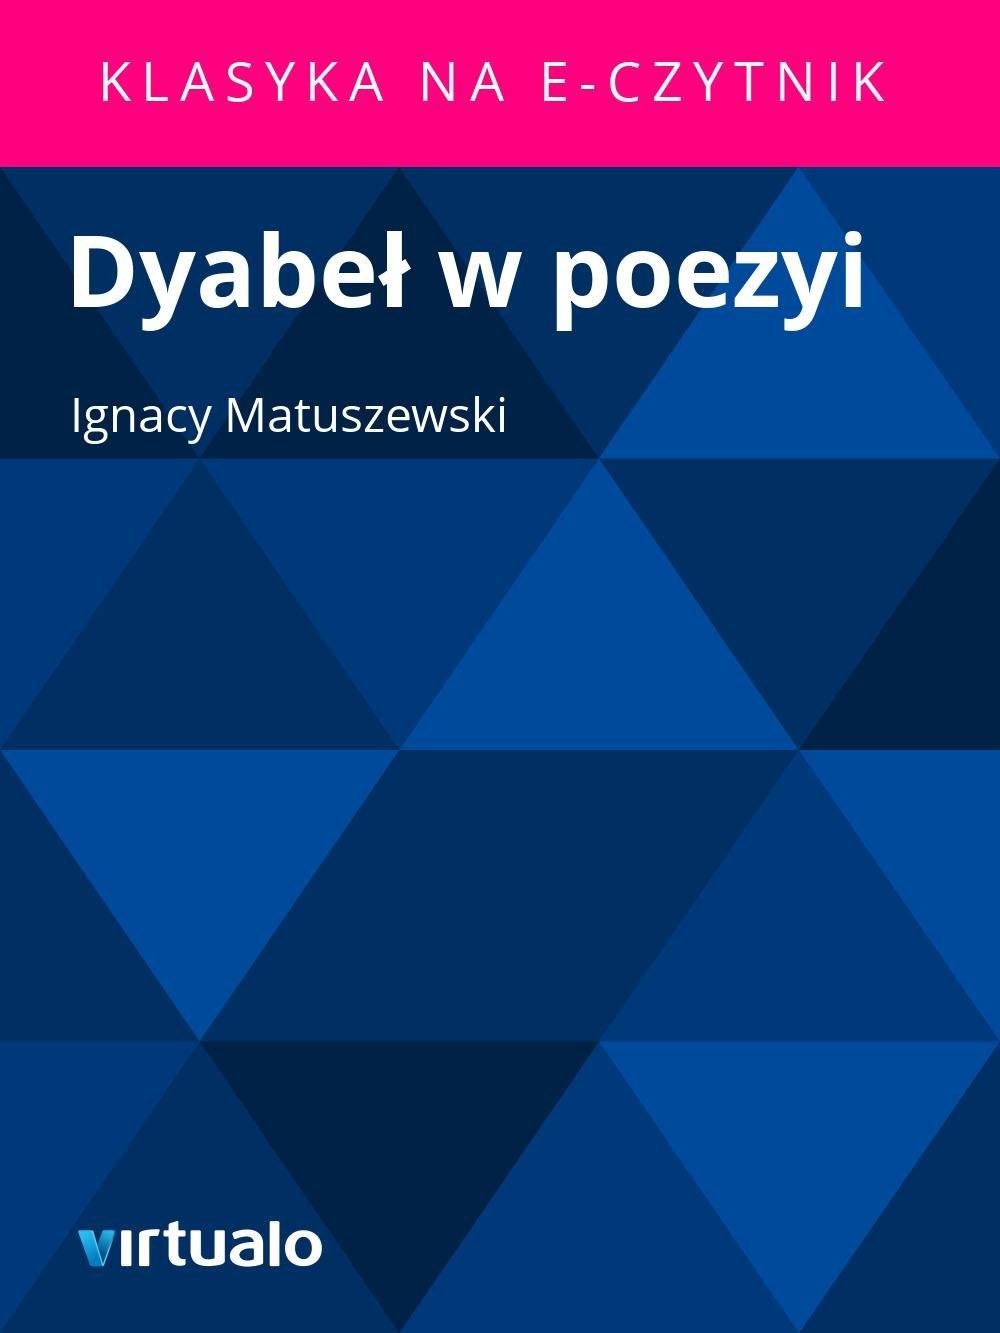 Dyabeł w poezyi - Ebook (Książka EPUB) do pobrania w formacie EPUB